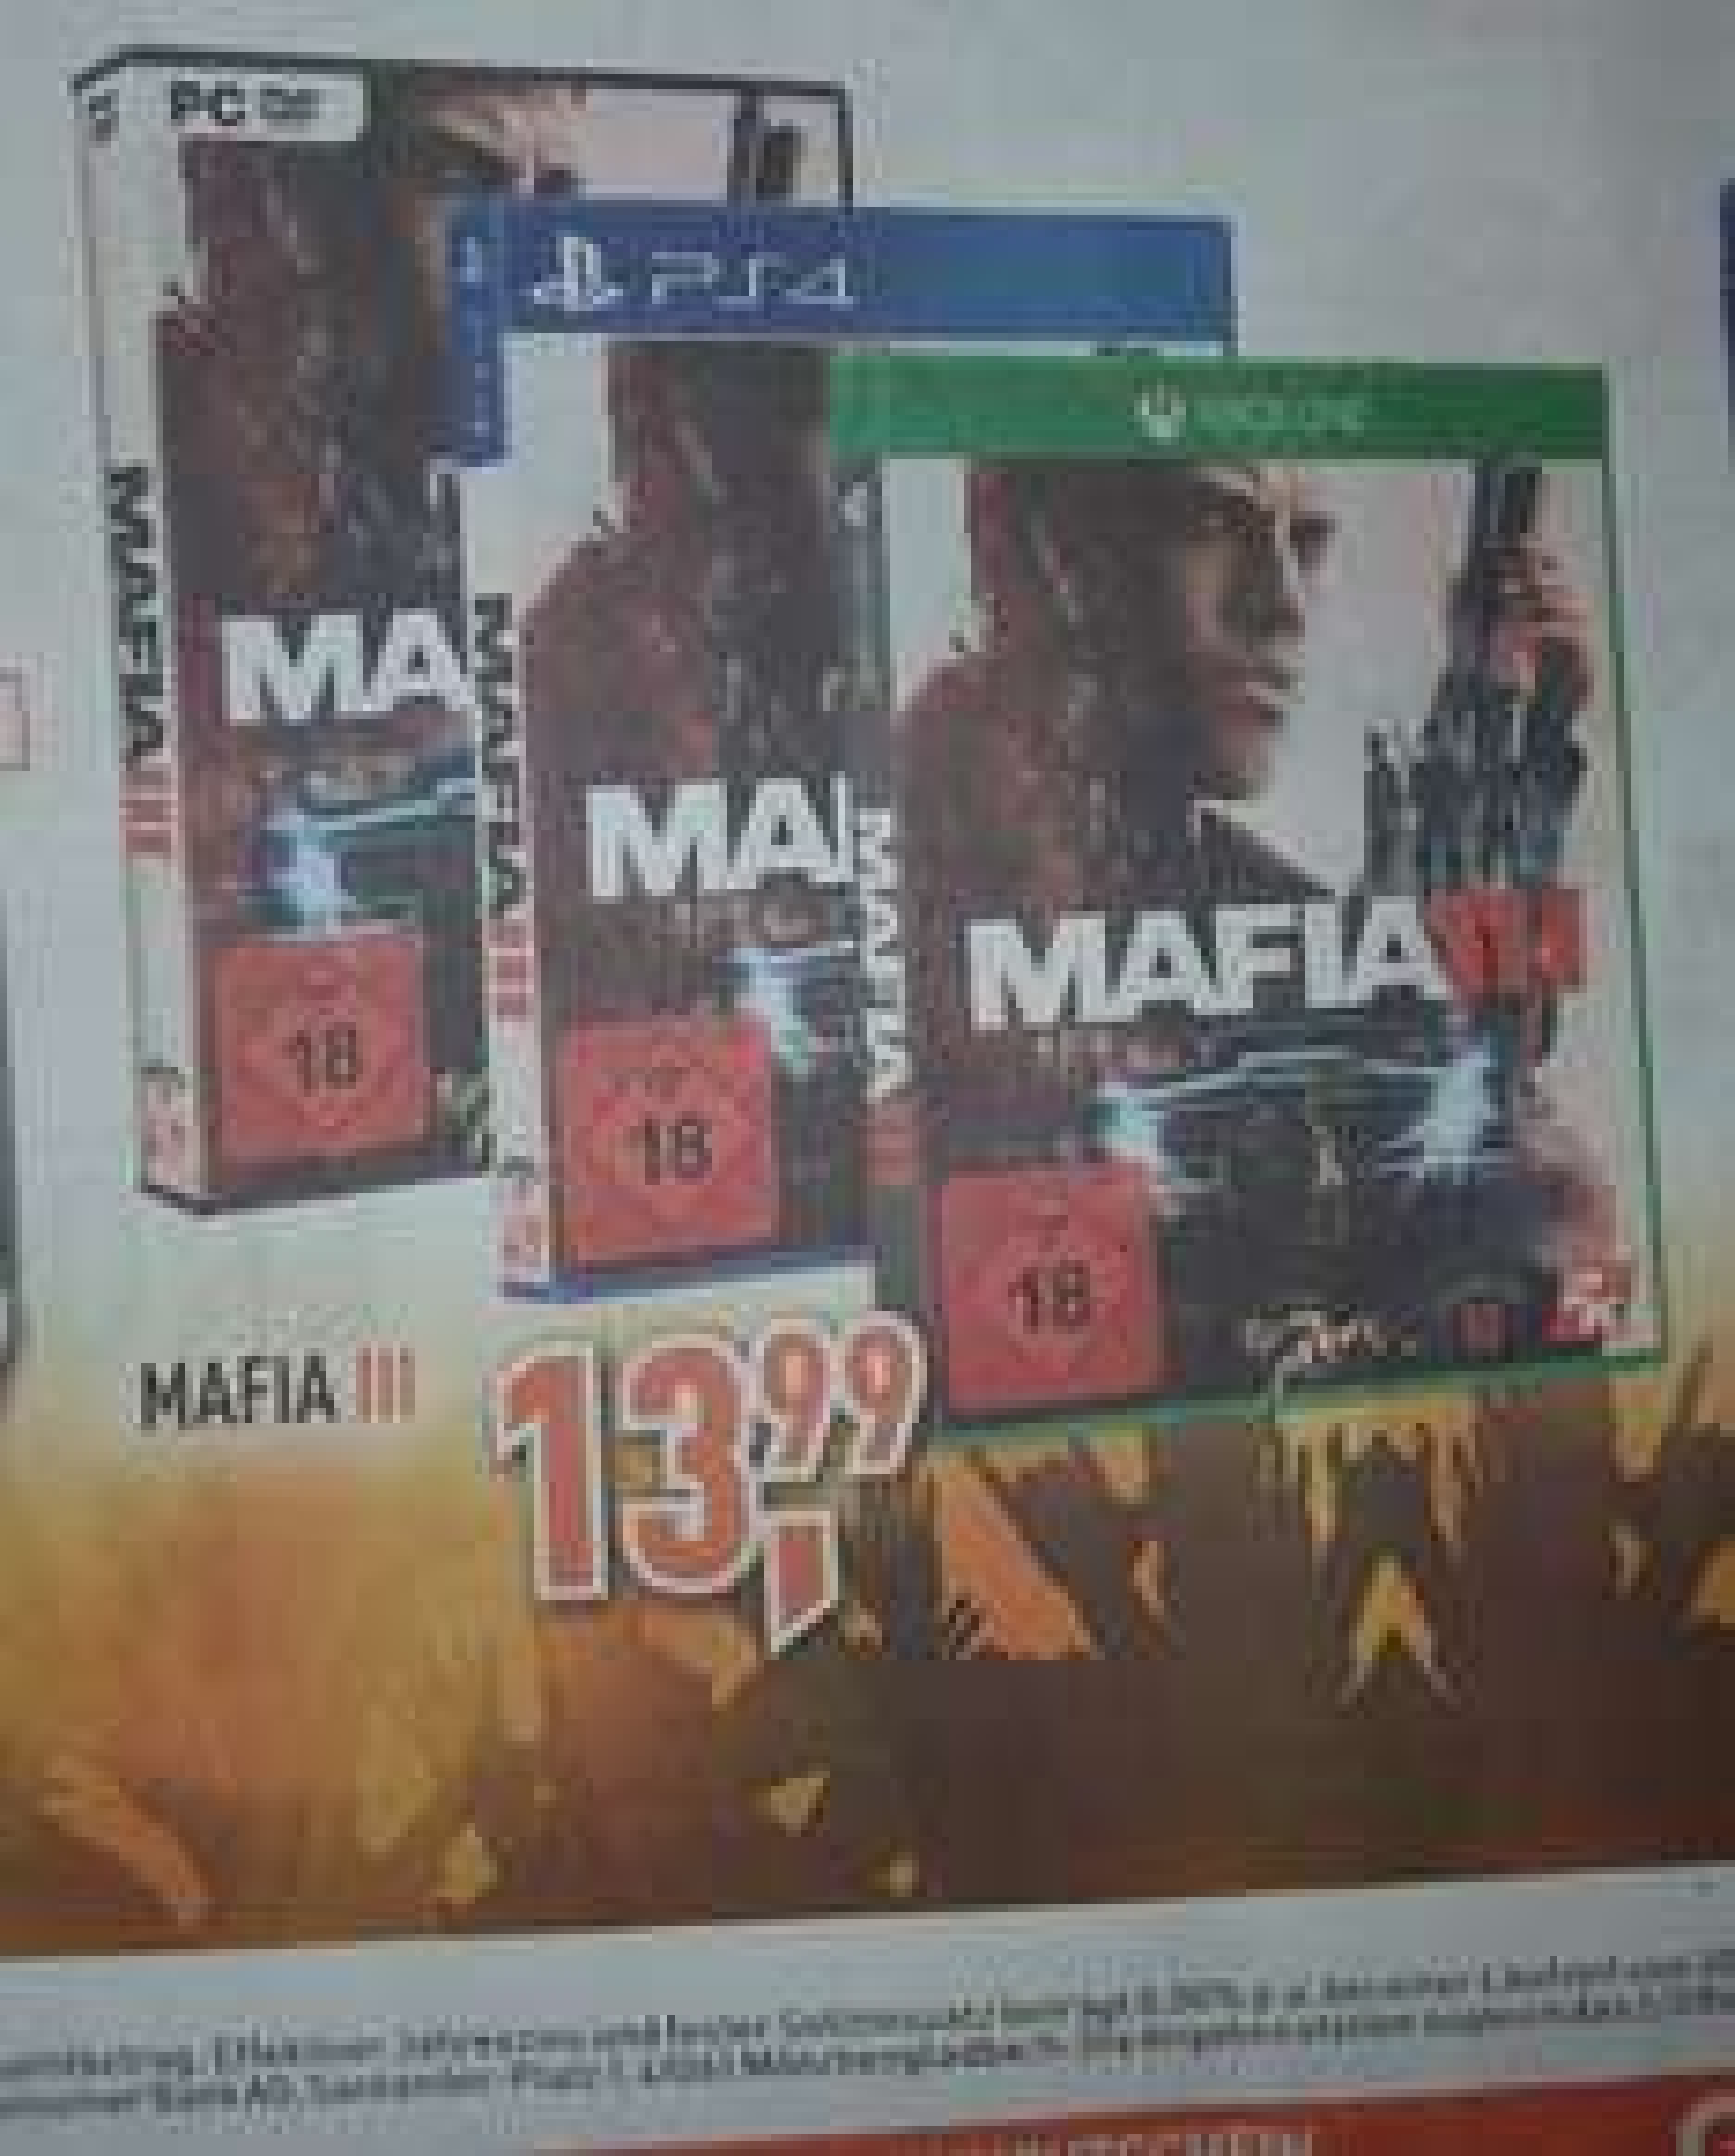 [Alle Berlet Filialen] Ab 4.5 Mafia 3 für PC, PS4 und Xbox One für jeweils 13,99€